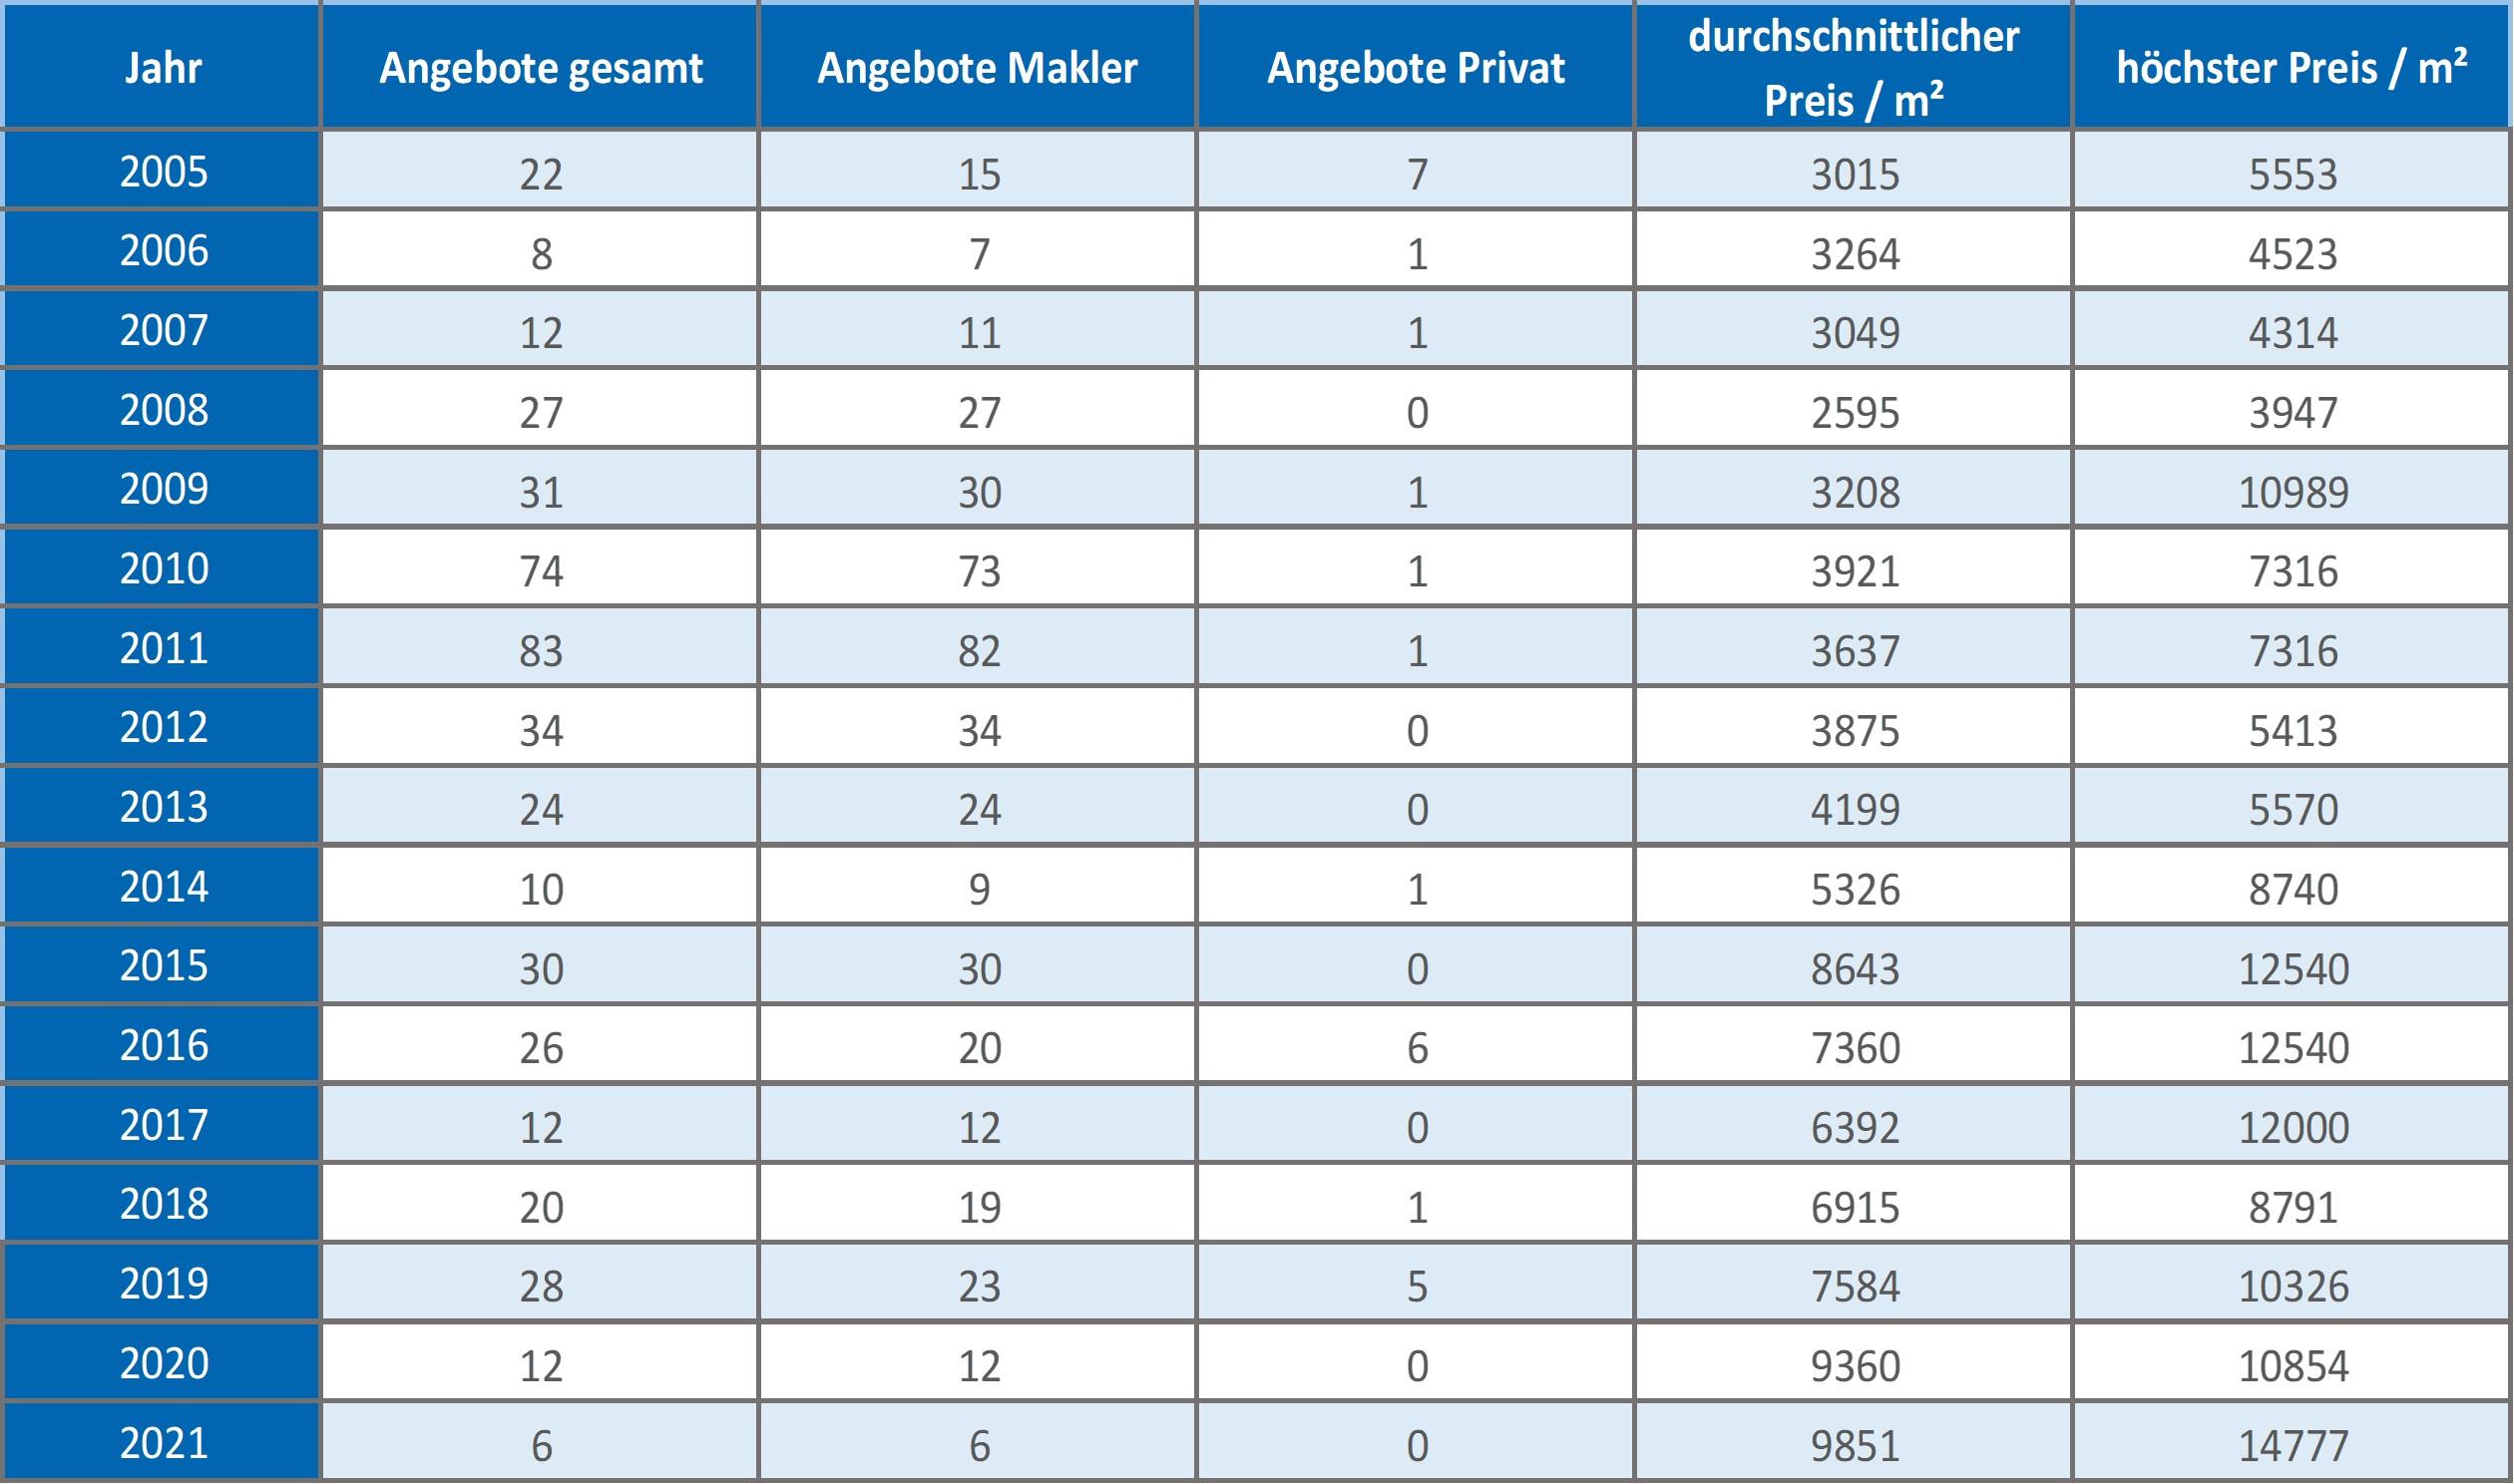 Berg-Wohnung-kaufen-verkaufen-Makler 2019, 2020, 2021